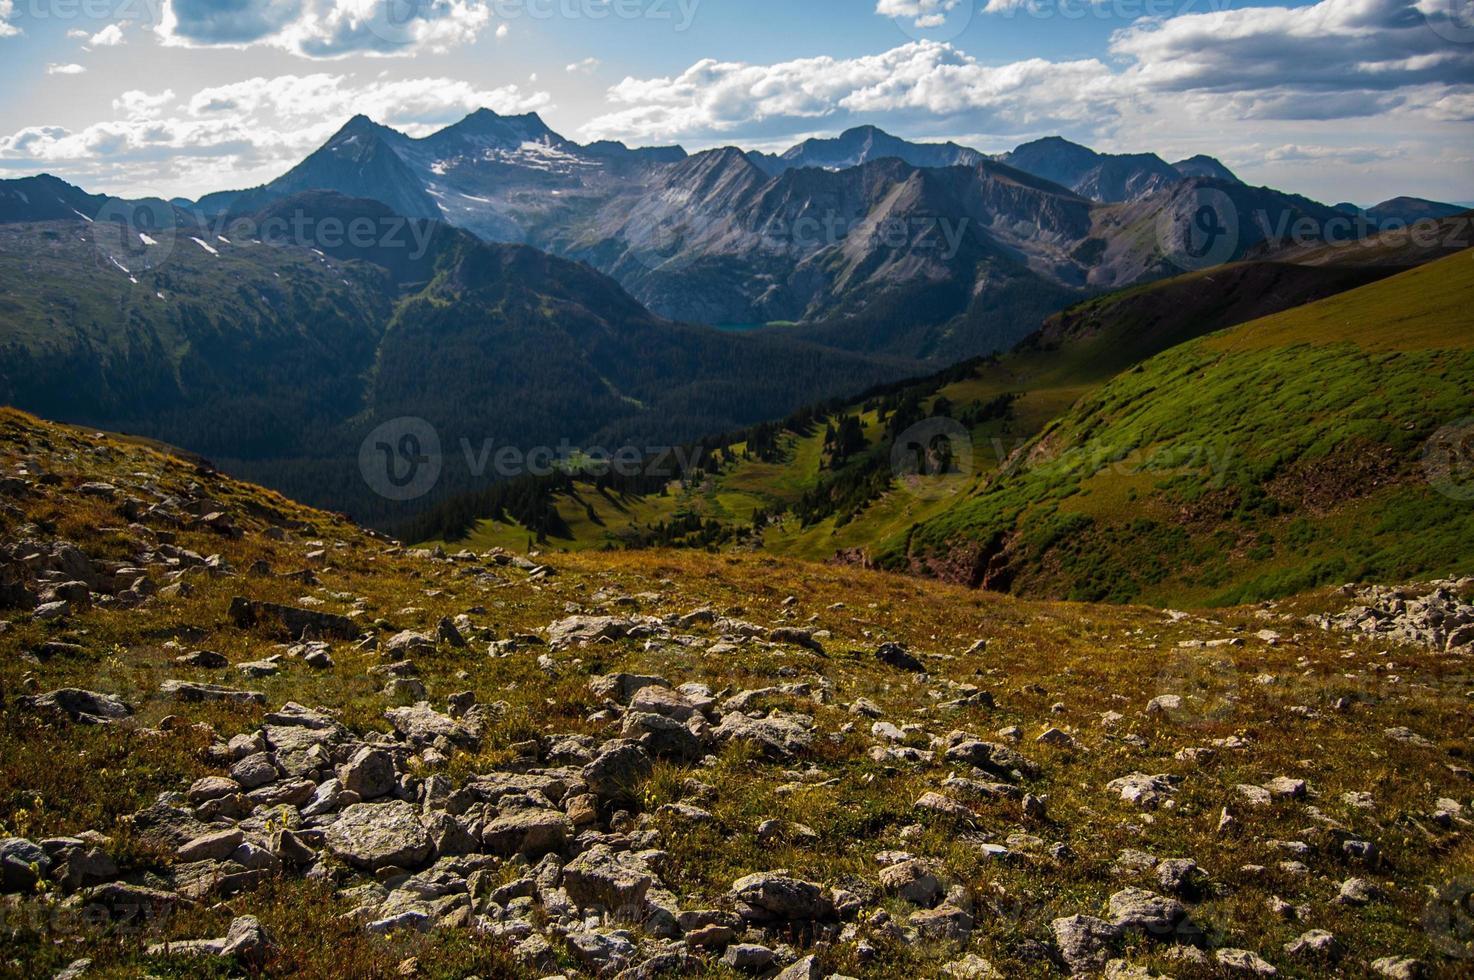 Schneemasse Berg Espe Wildleder Pass Berg Flucht foto